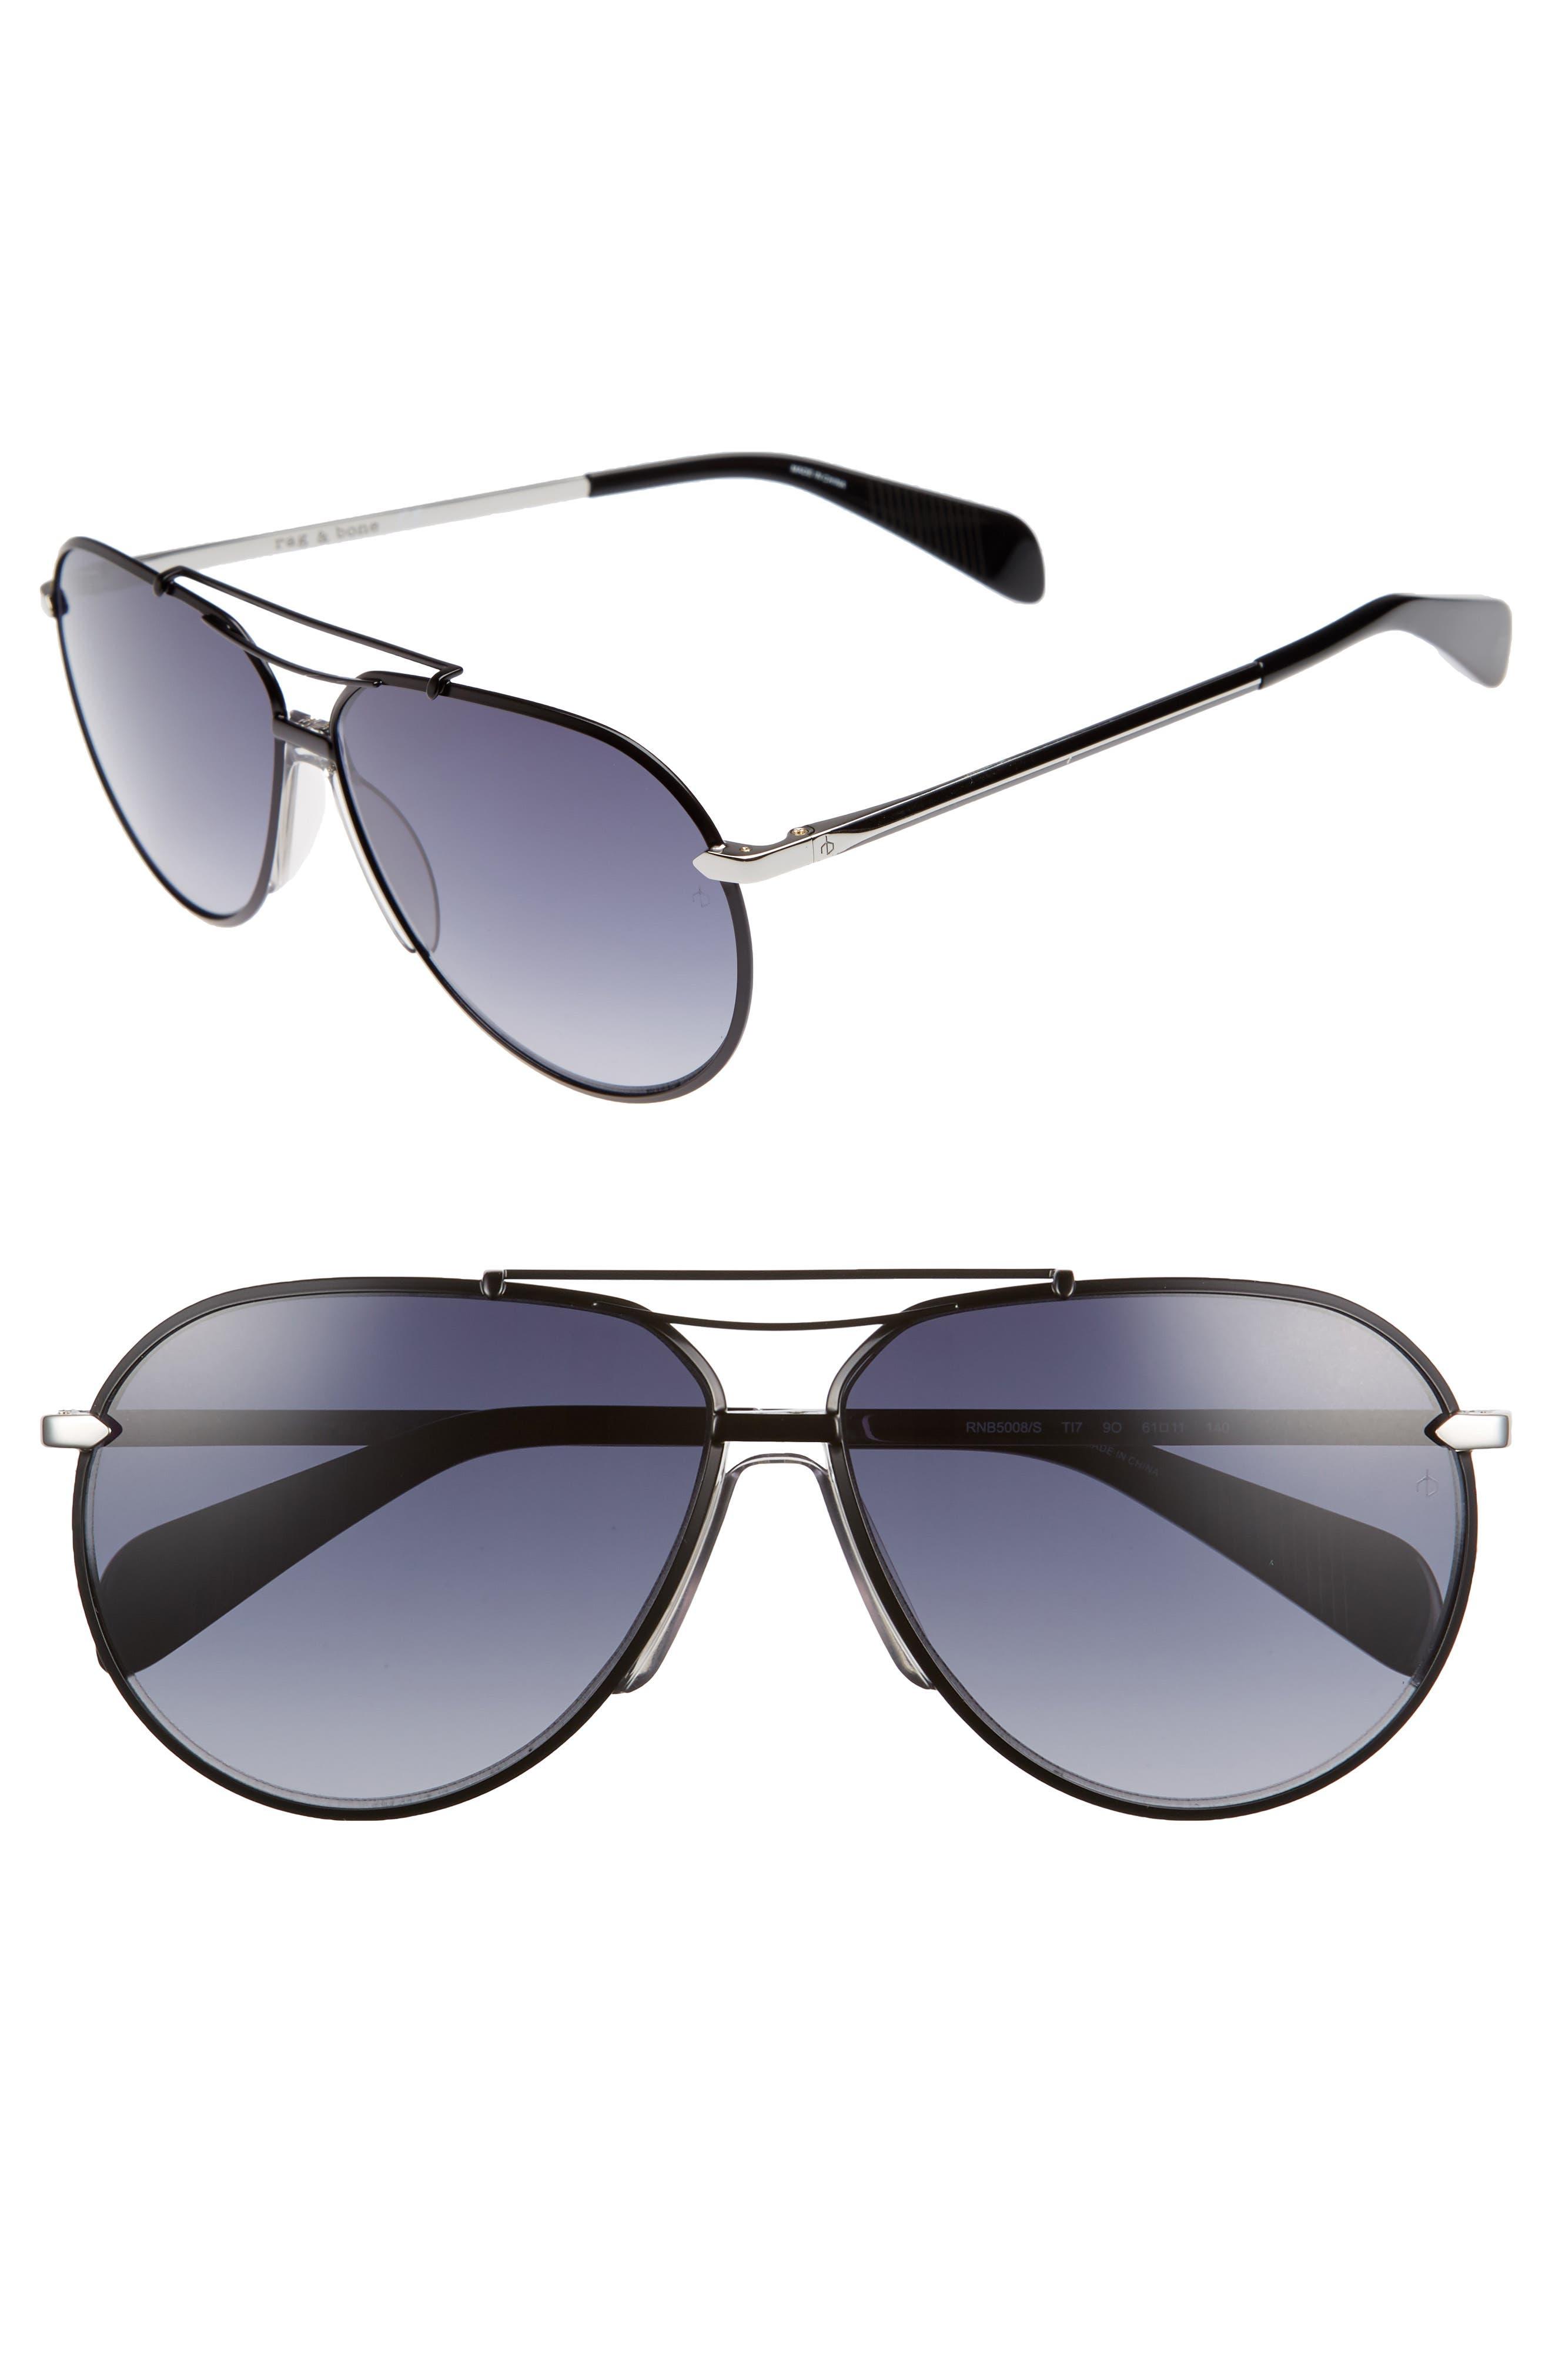 61mm Aviator Gradient Sunglasses,                         Main,                         color, RUTHENIUM/ MATTE BLACK